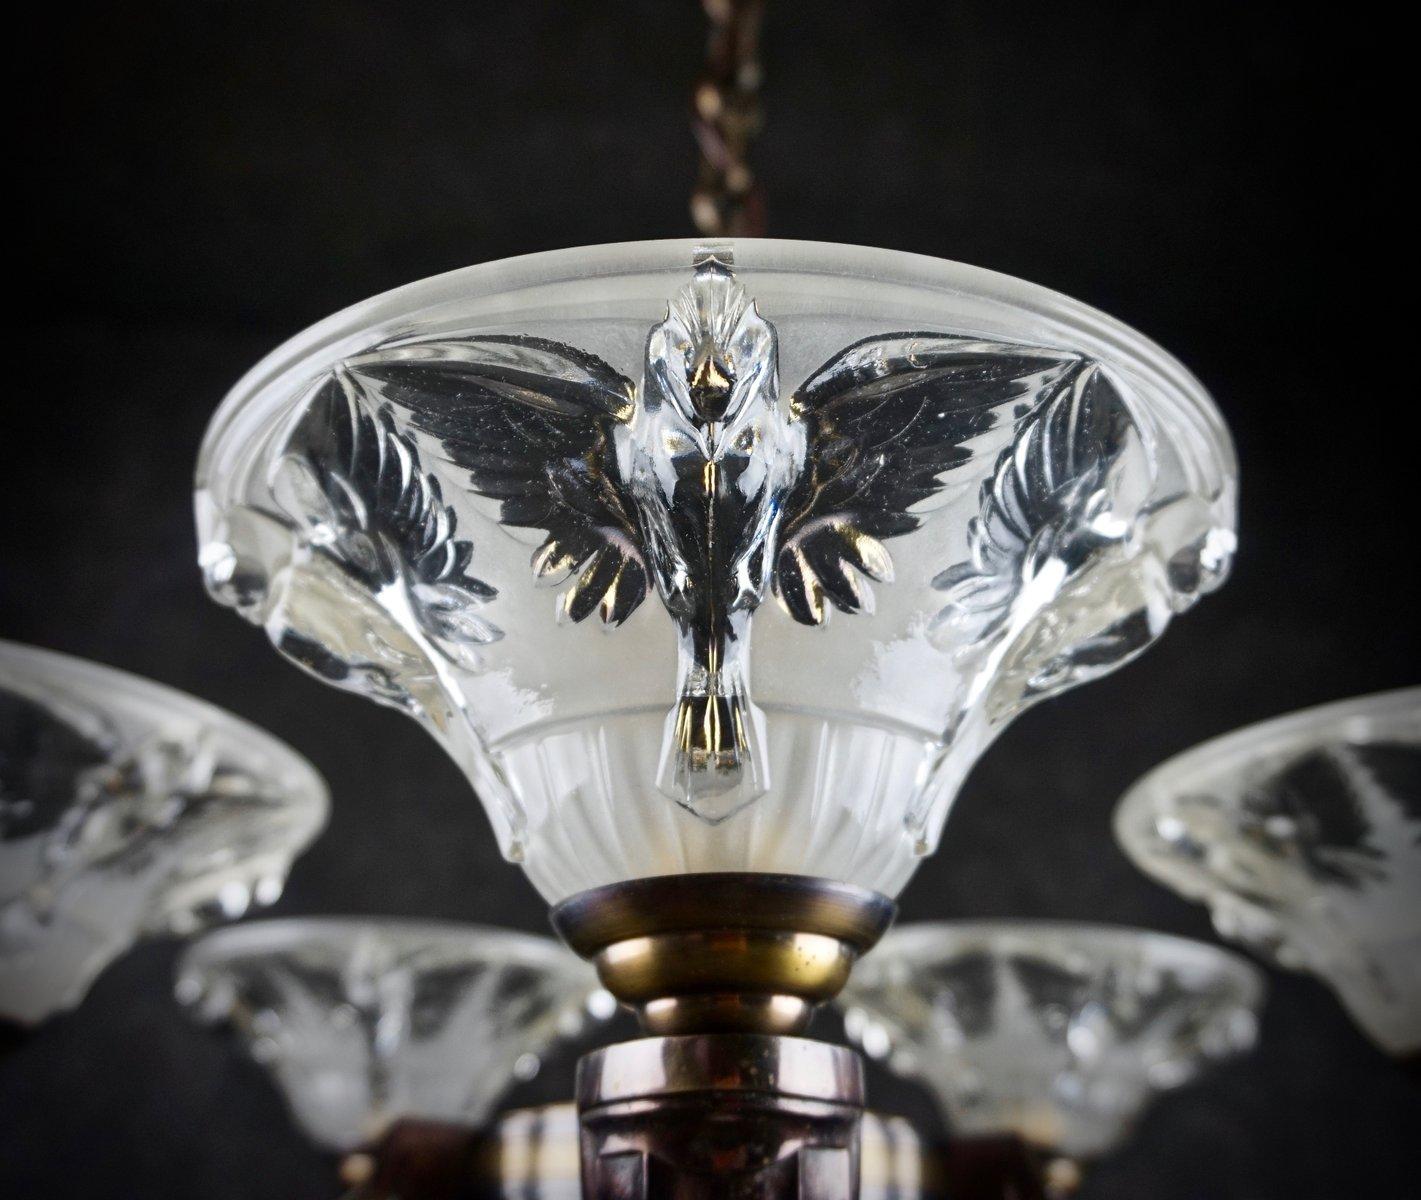 chandelier art d co par boris lacroix france en vente sur pamono. Black Bedroom Furniture Sets. Home Design Ideas